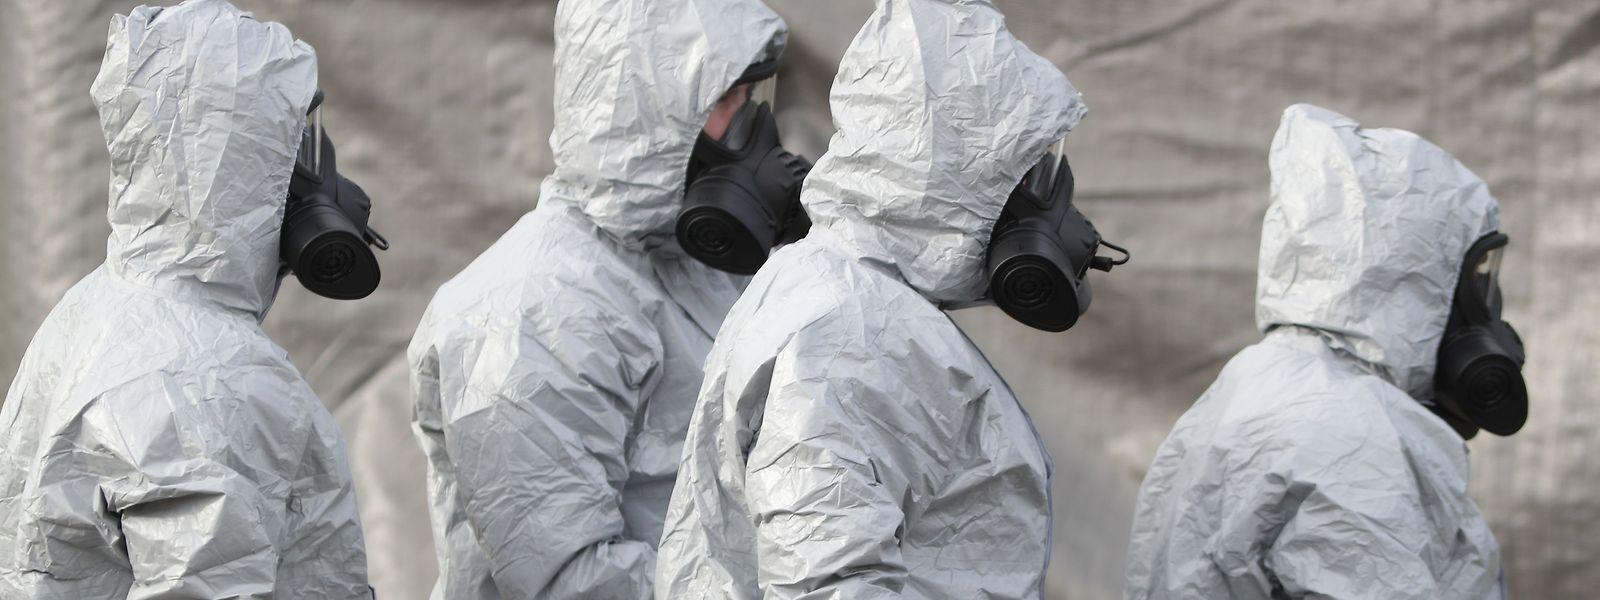 Ermittler in Schutzkleidung und Gasmasken bereiten den Abtransport eines Krankenwagens an einer Station des Sanitätsdienstleisters South Western Ambulance Service in der Nähe von Salisbury vor.